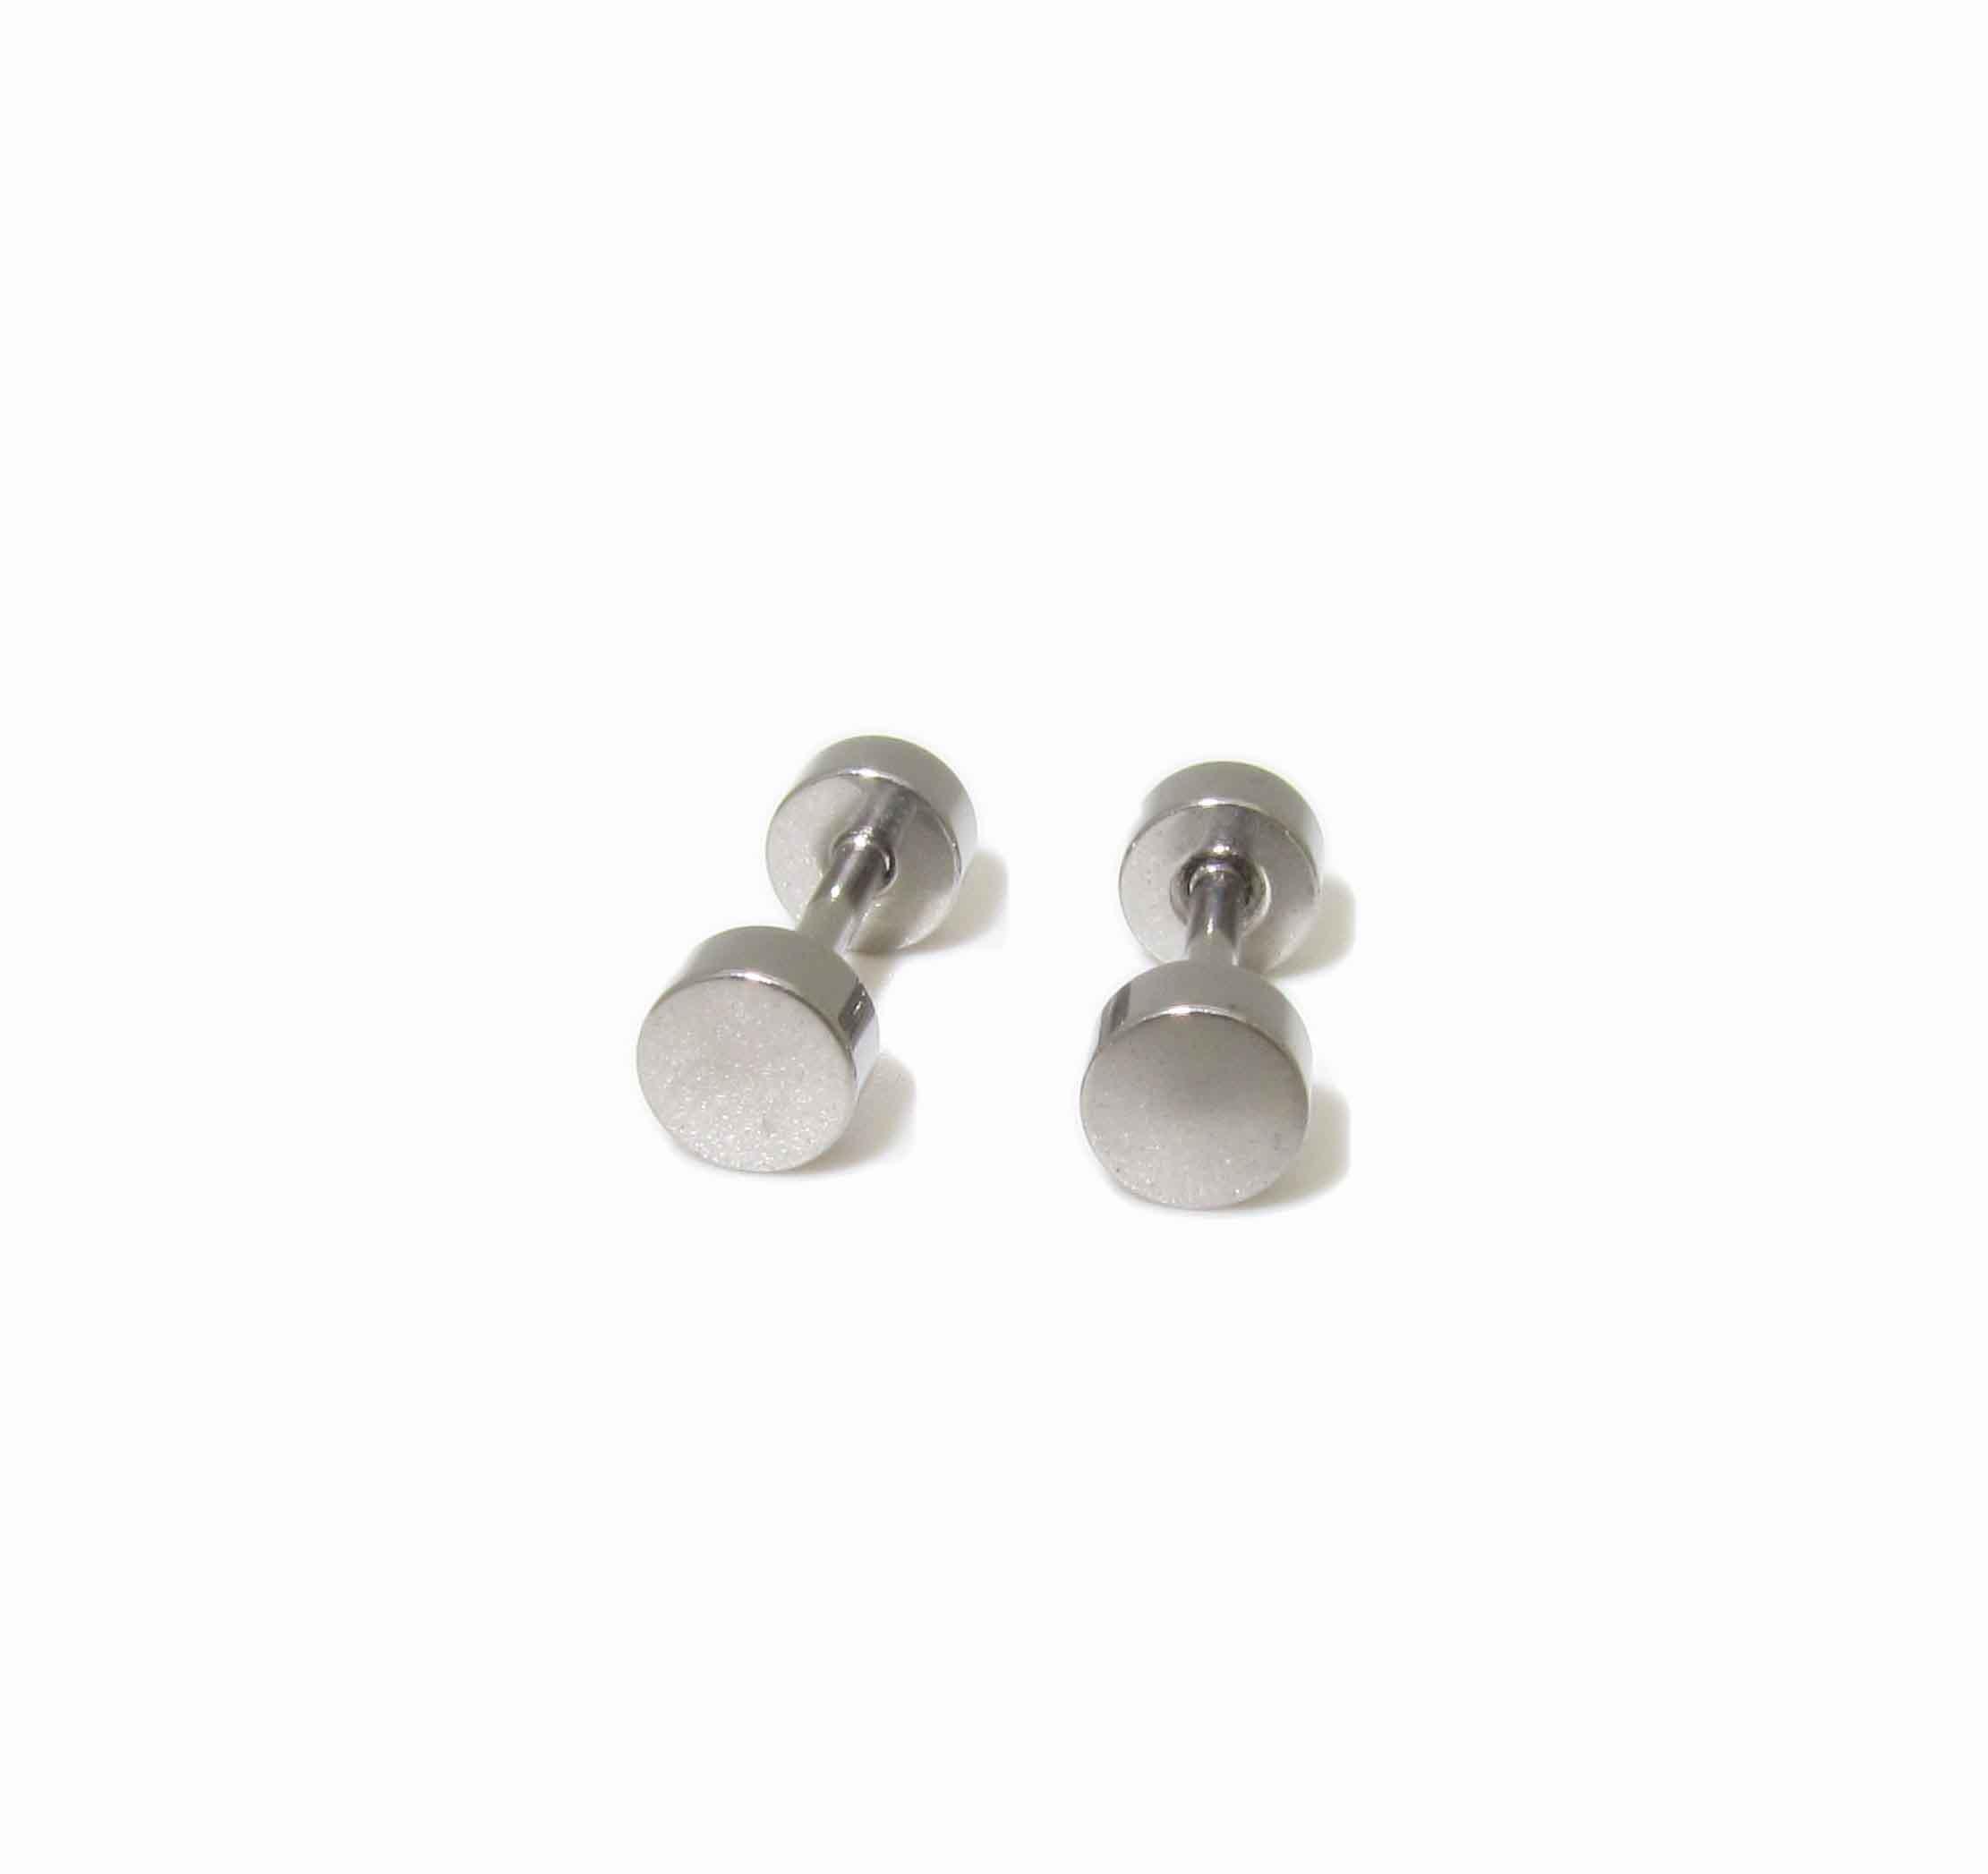 6db8c01a76 Μοντέρνα και ξεχωριστά ανδρικά σκουλαρίκια.Βρες αυτό που ψάχνεις